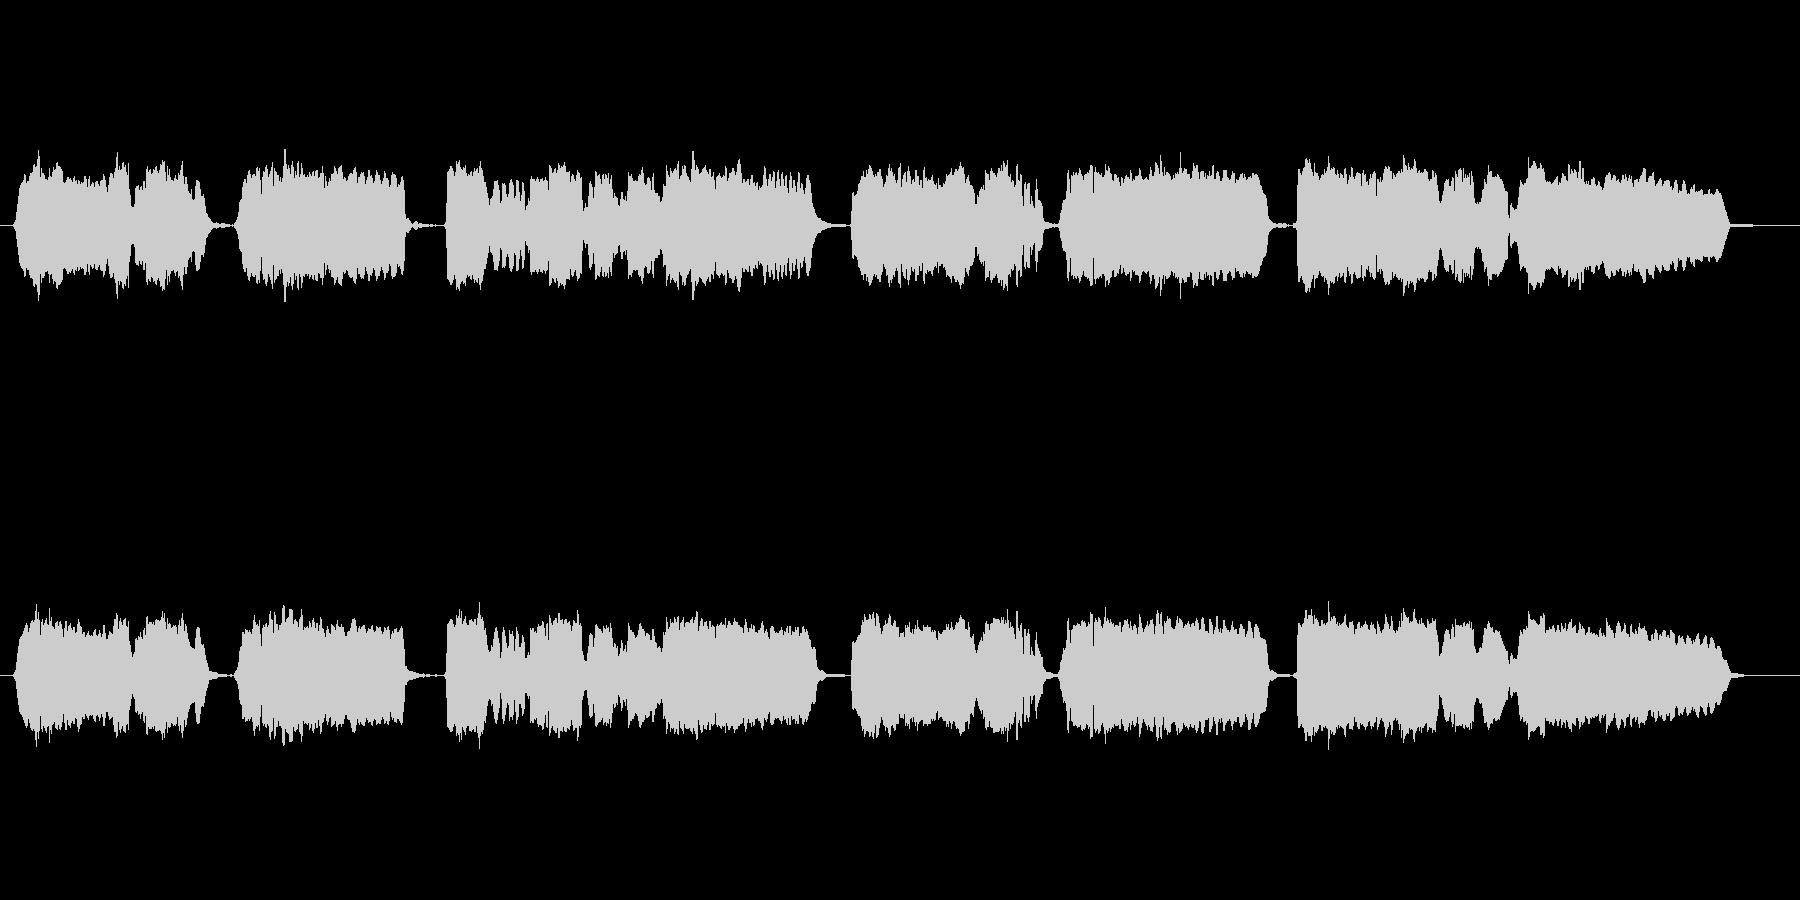 童謡「赤とんぼ」の篠笛独奏の未再生の波形